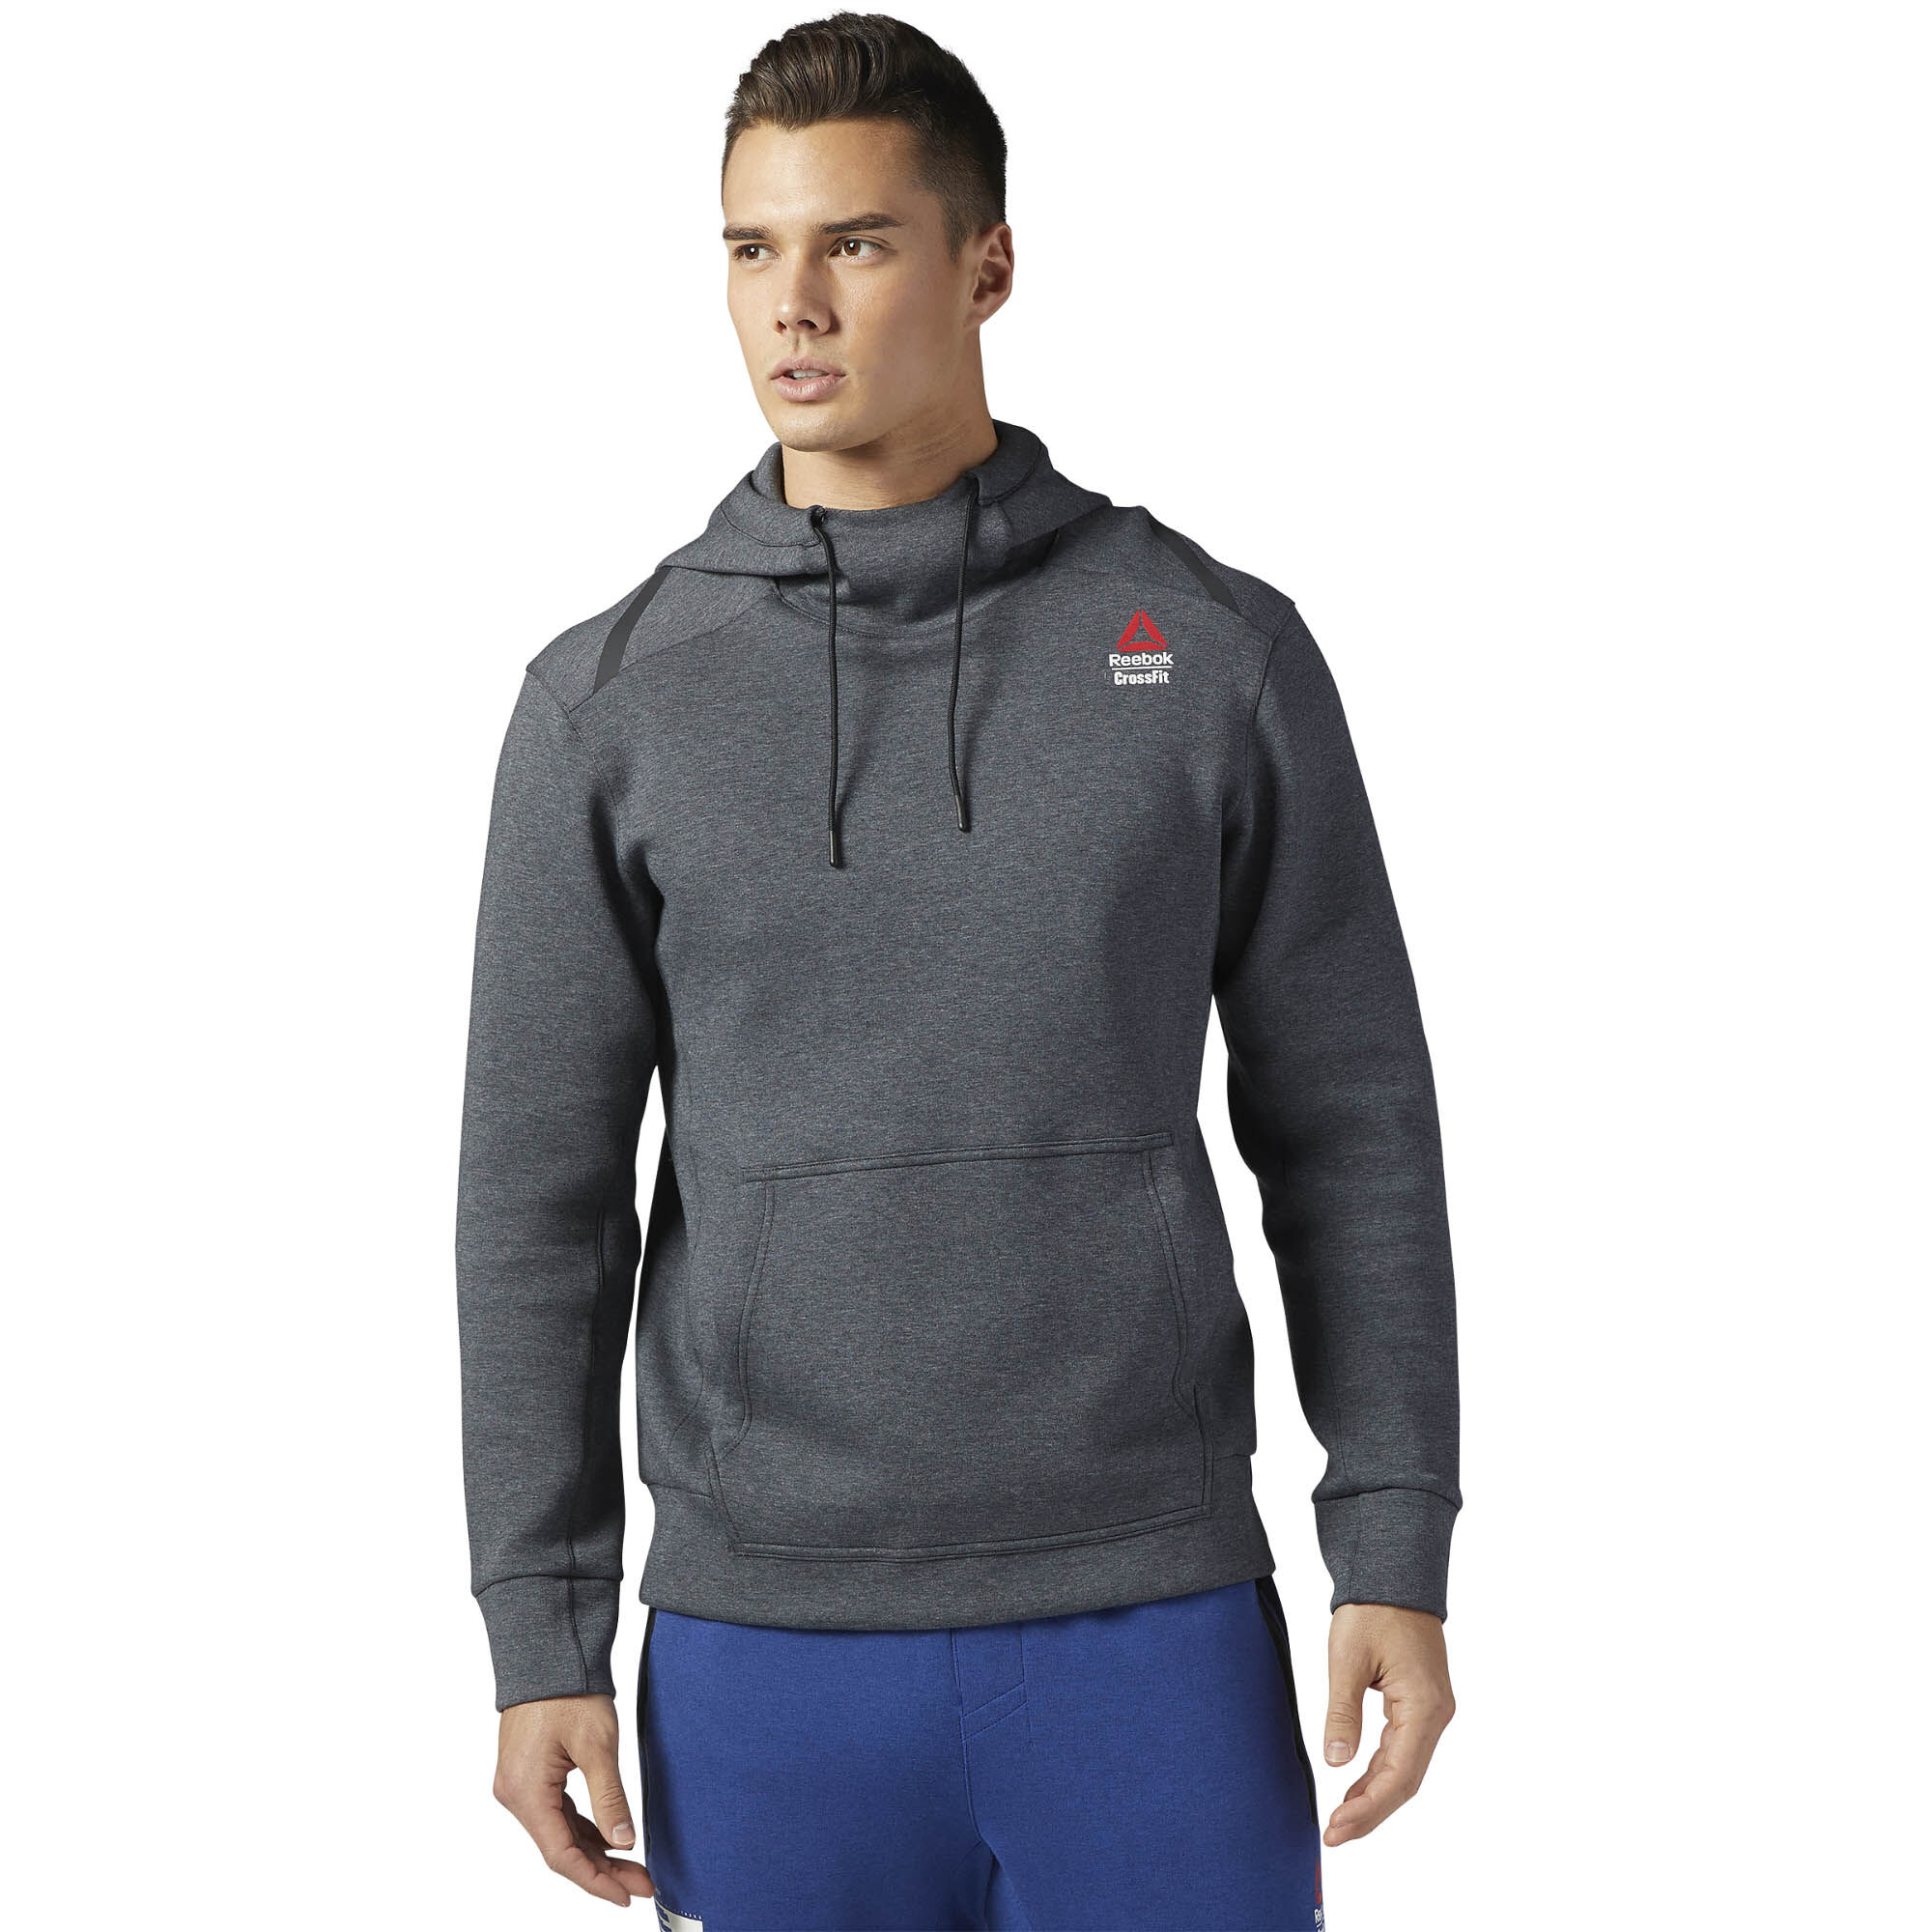 reebok crossfit hoodie womens